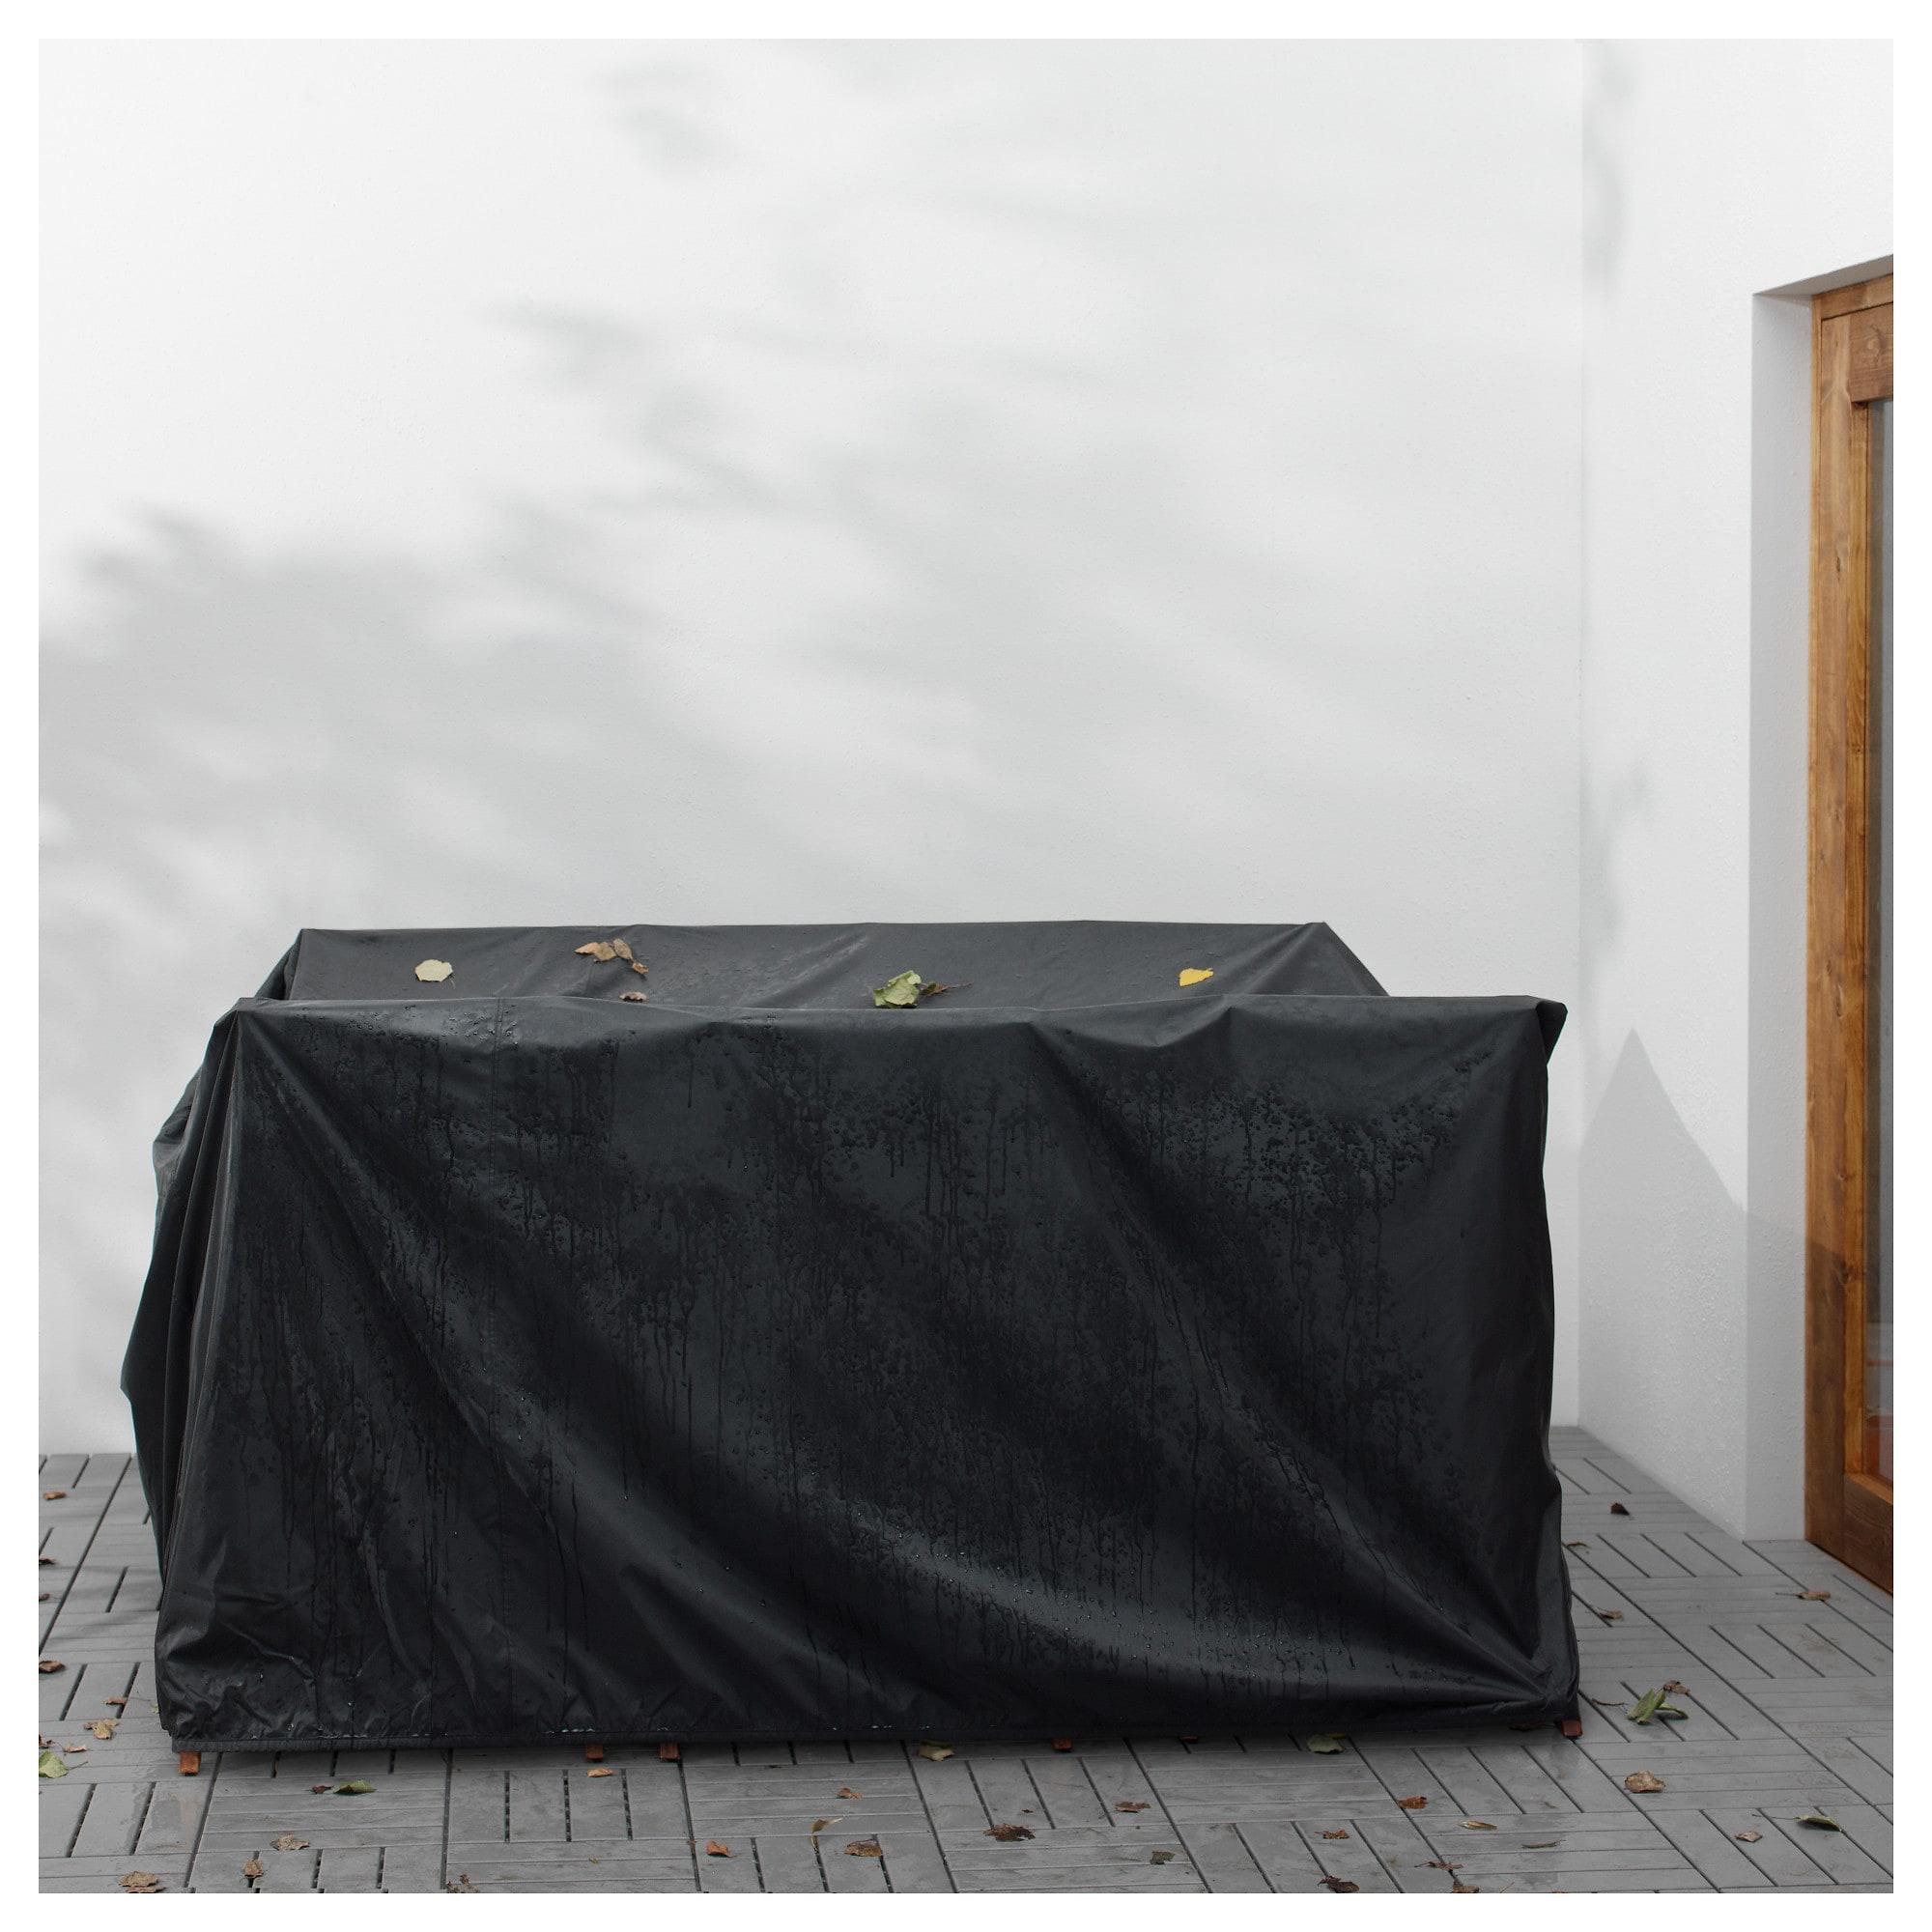 Стол, 6 кресел для сада ЭПЛАРО бежевый артикуль № 292.289.55 в наличии. Интернет каталог IKEA РБ. Быстрая доставка и соборка.